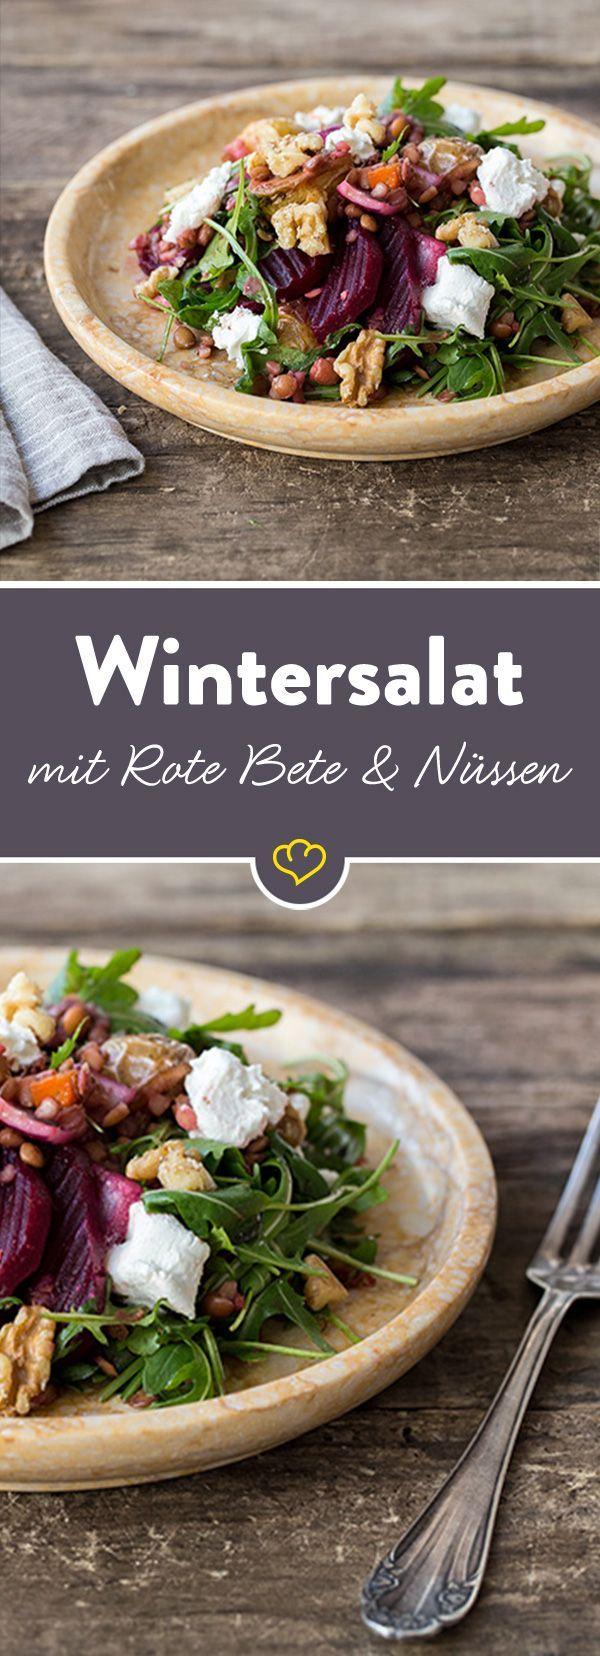 Farbenfroh durch den Winter! Dieser Salat steckt voller Vitamine, versorgt dich mit reichhaltigen Nährstoffen und bringt Abwechslung auf den Salatteller.